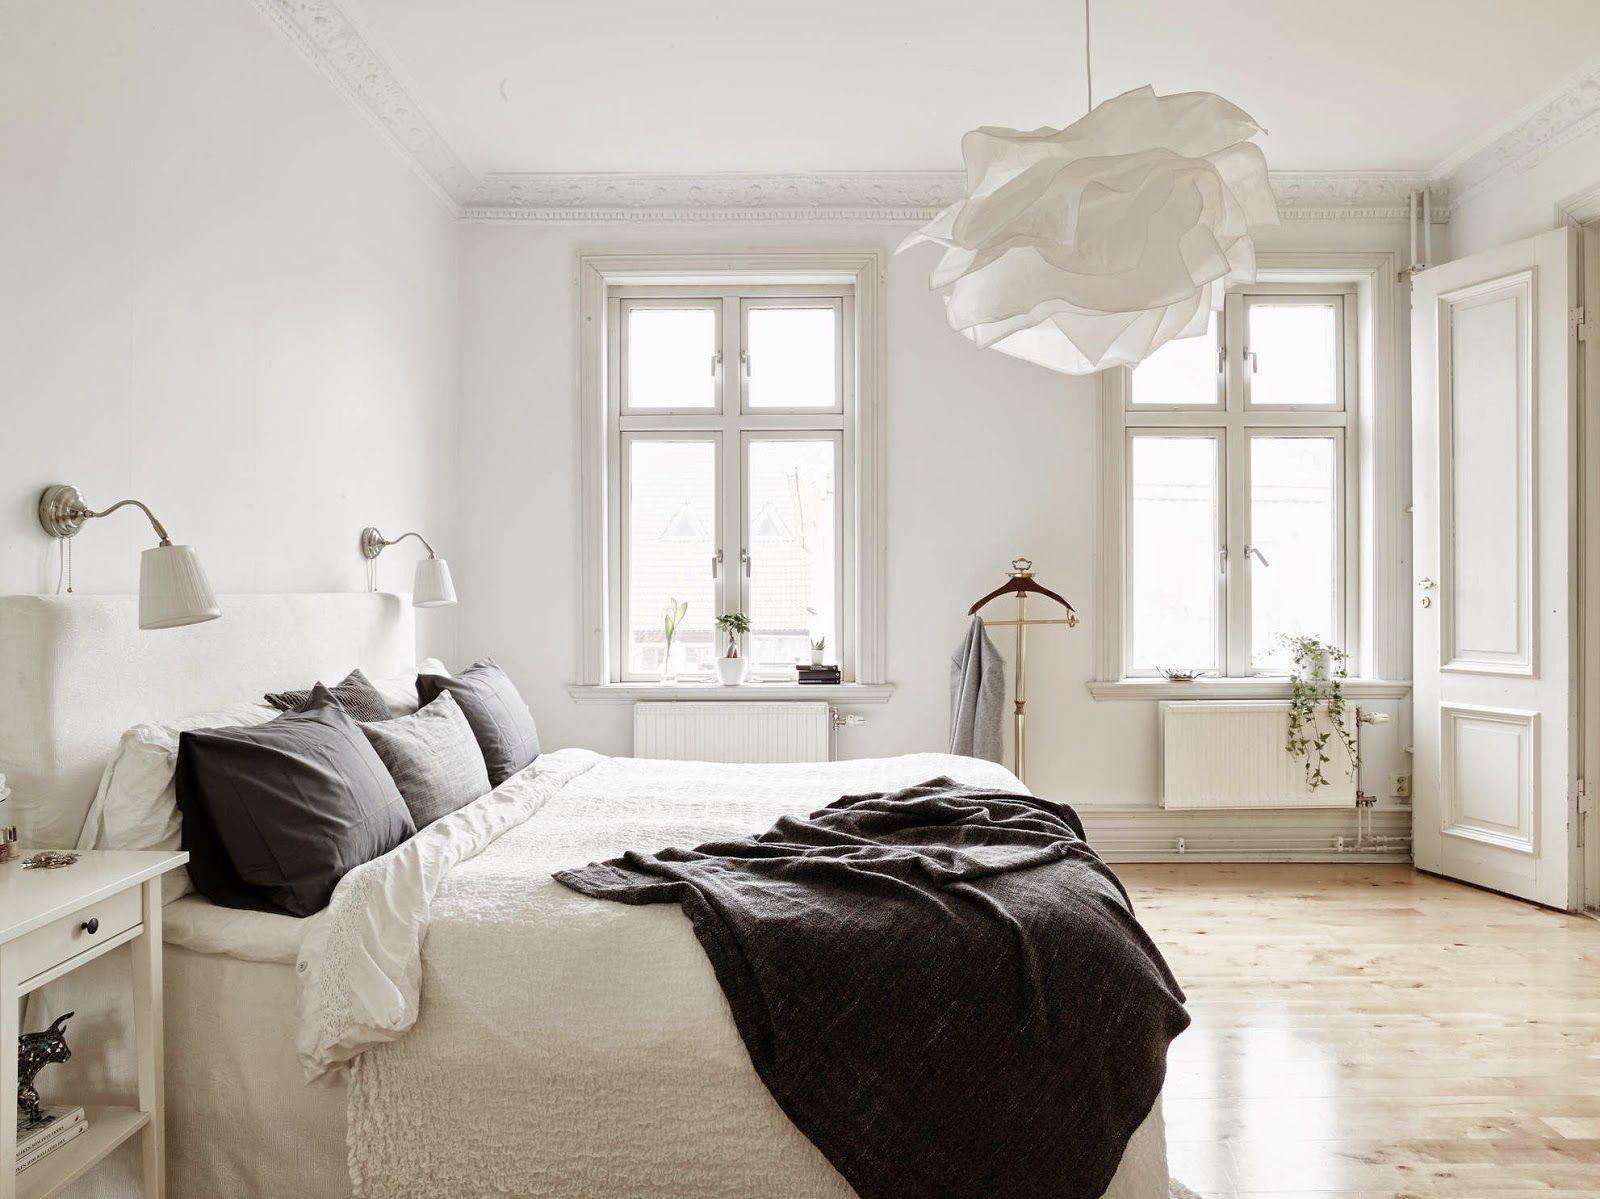 D e c o r a r e : Dreams in white. IKEA Krusning lampe til ...